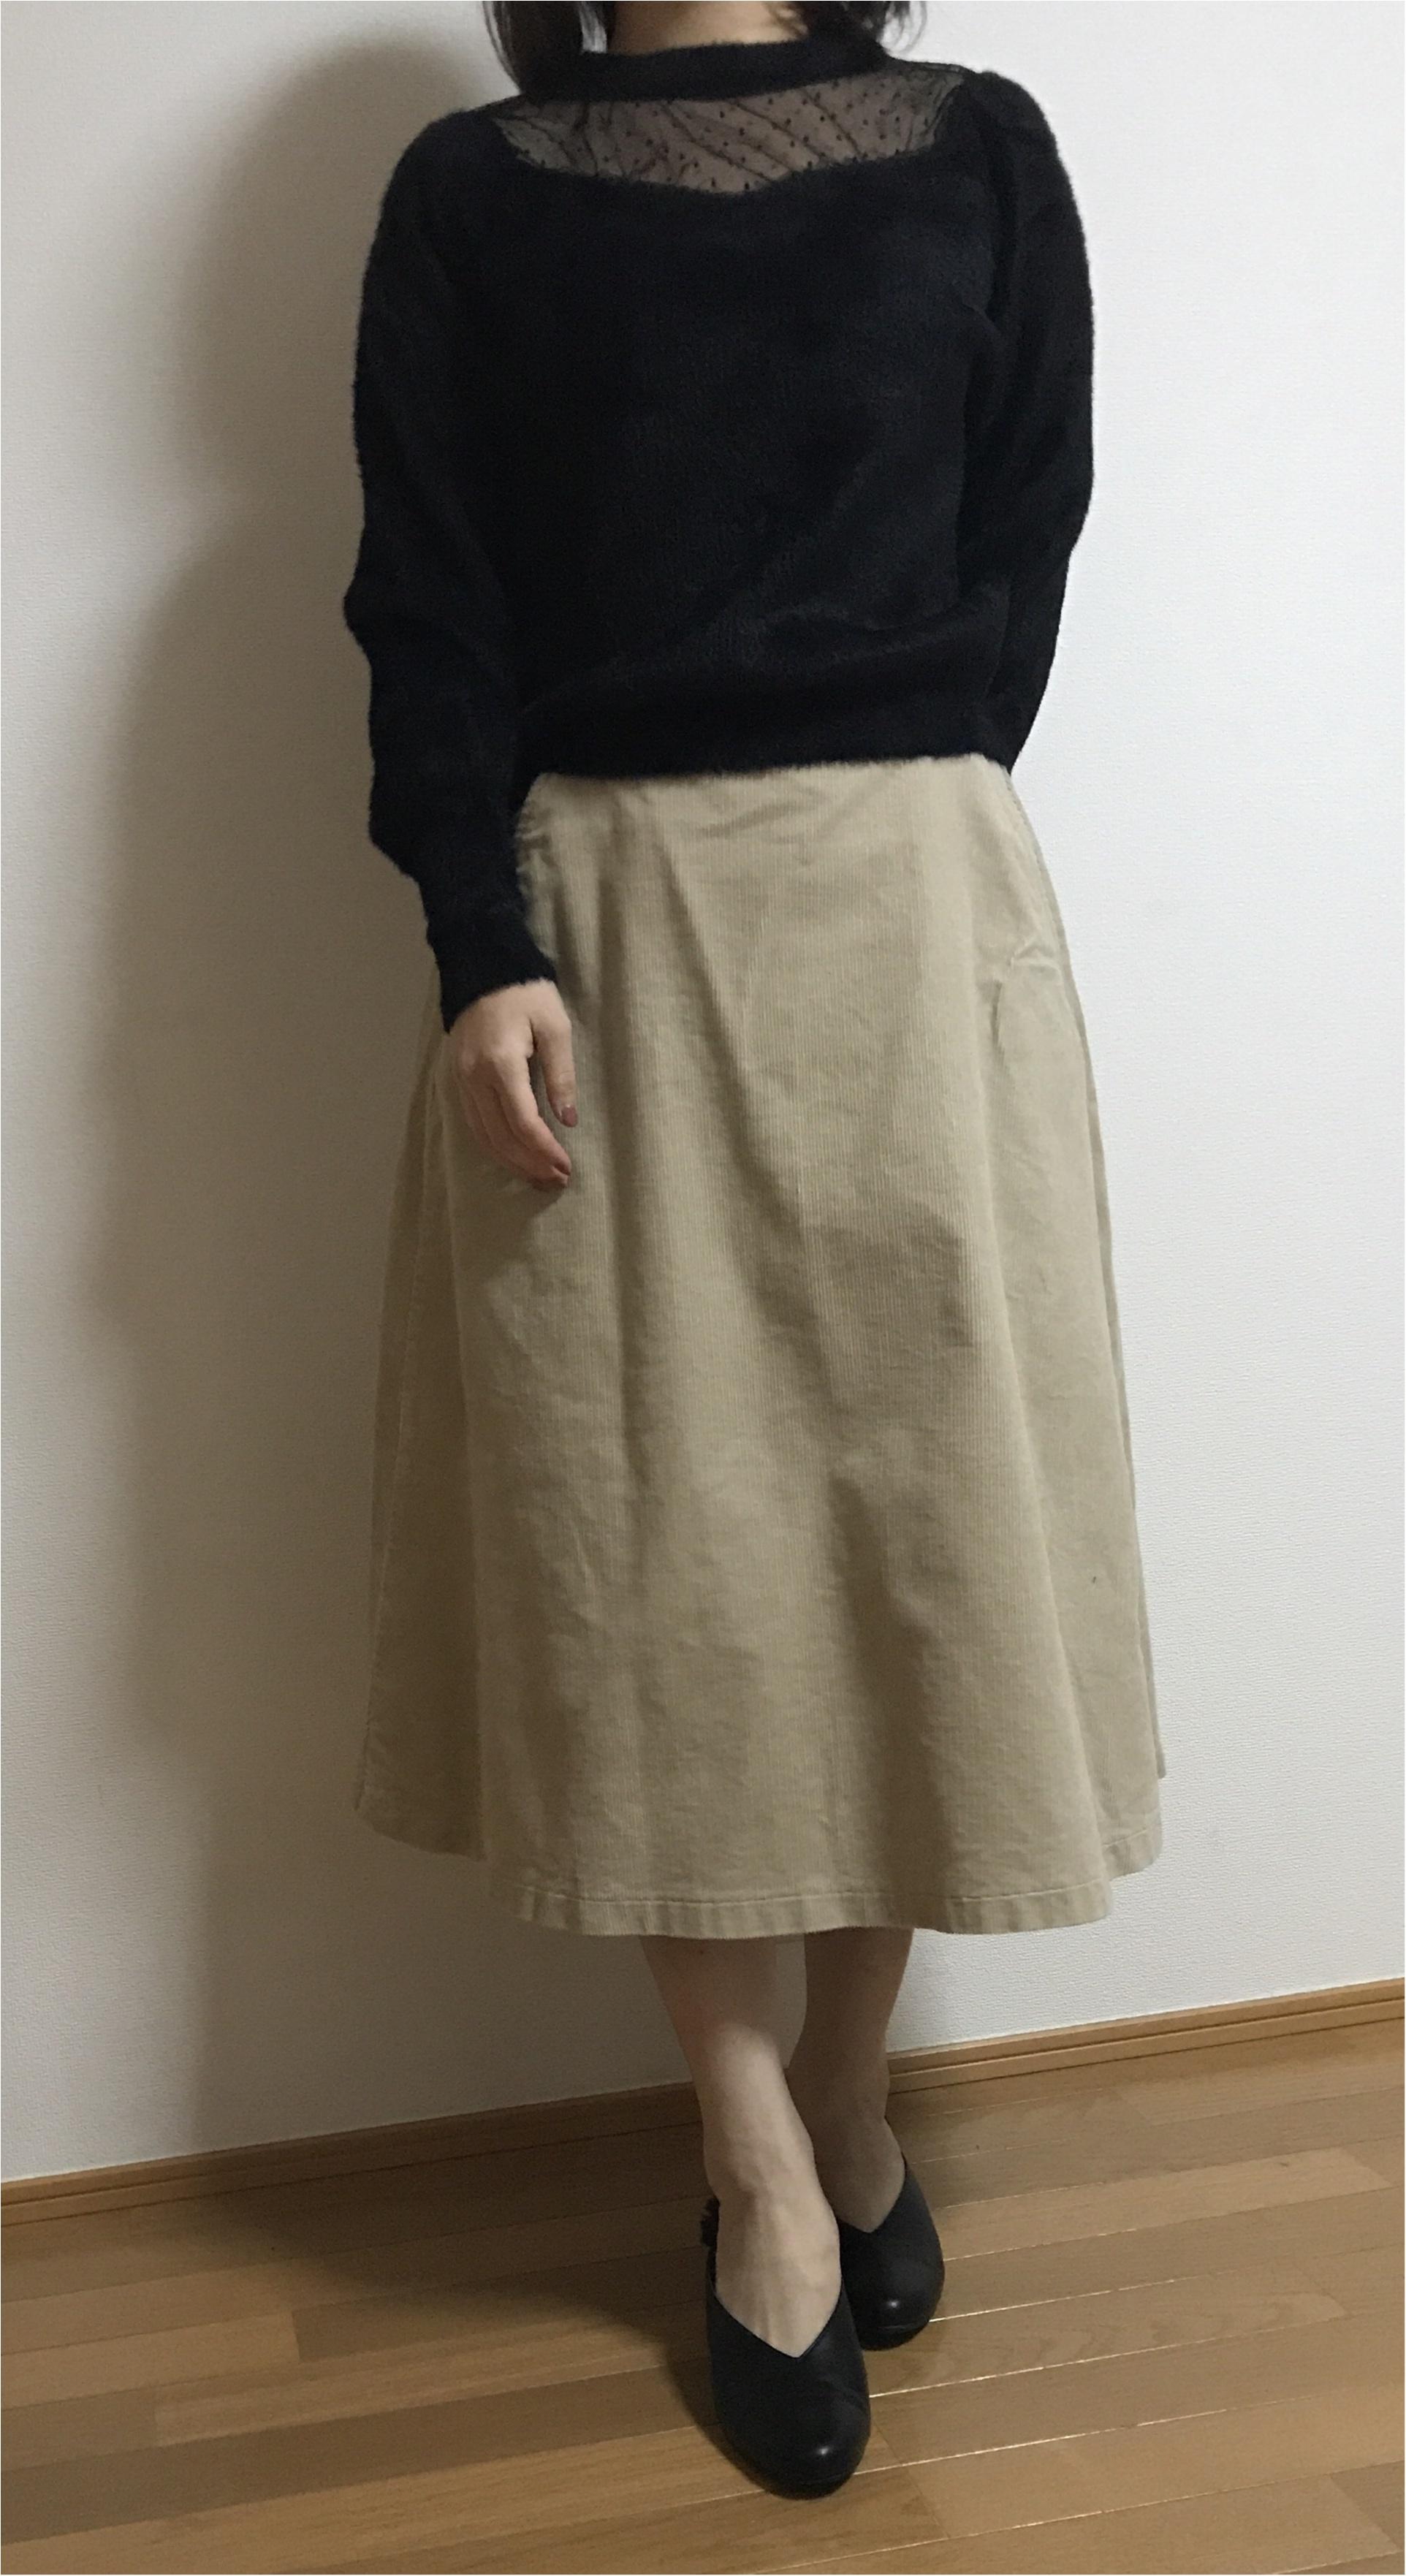 【ユニクロ】買ってよかった!まだまだ使える冬アイテム♡♡《コーデュロイスカート×ニット》の最強コーデを組んでみました❤︎_5